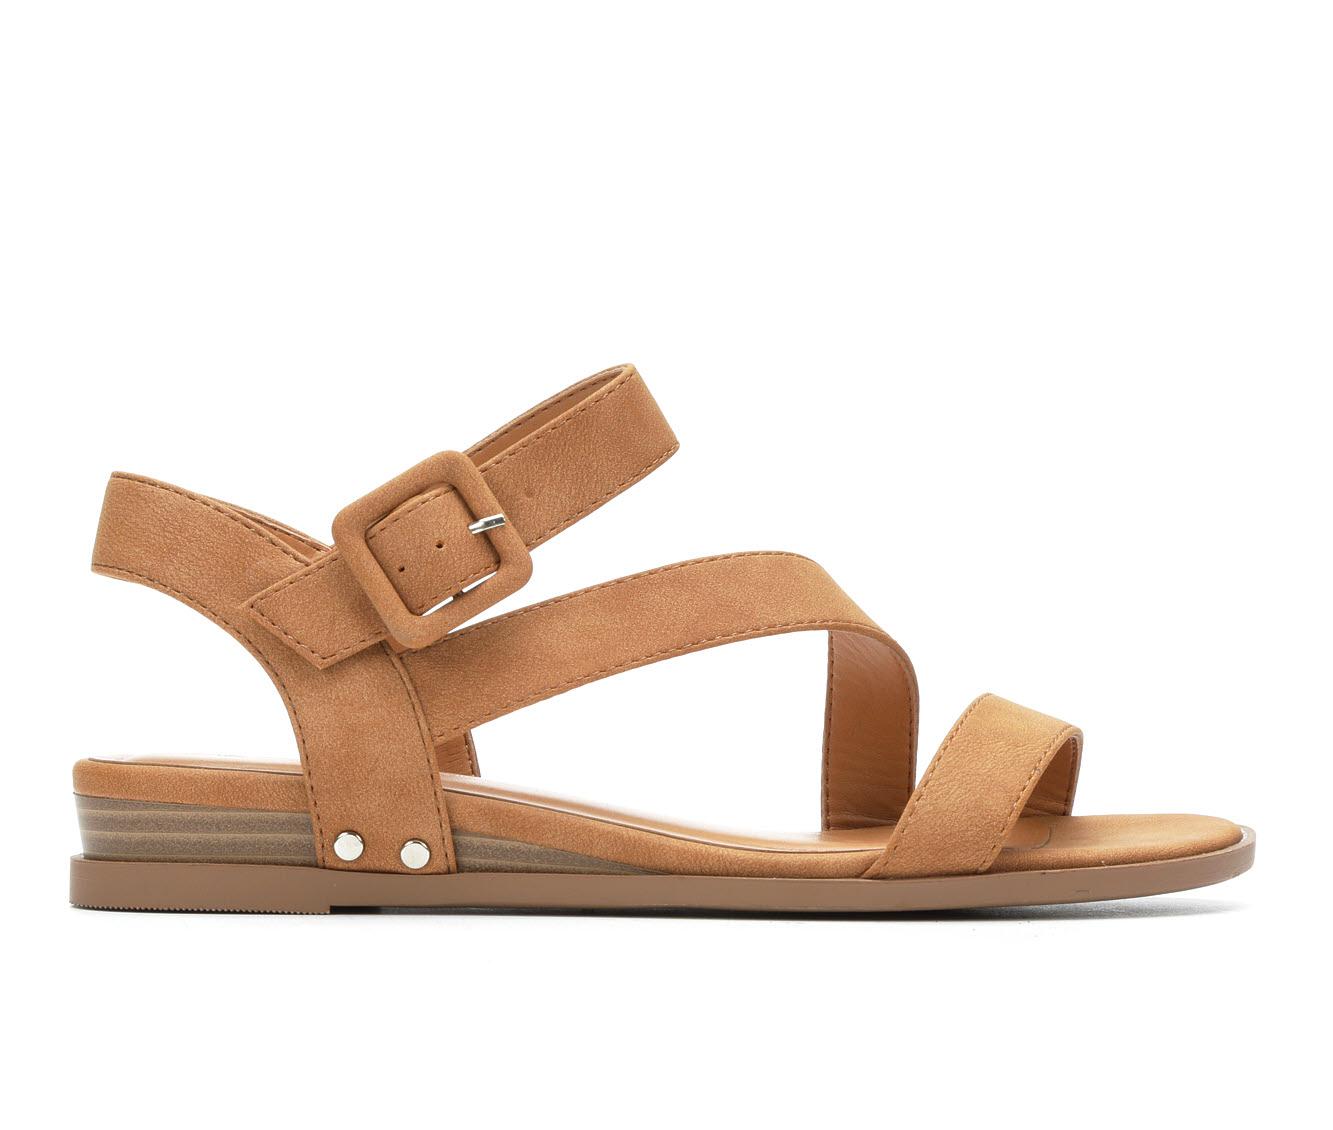 Solanz Sydney Women's Sandal (Beige Faux Leather)